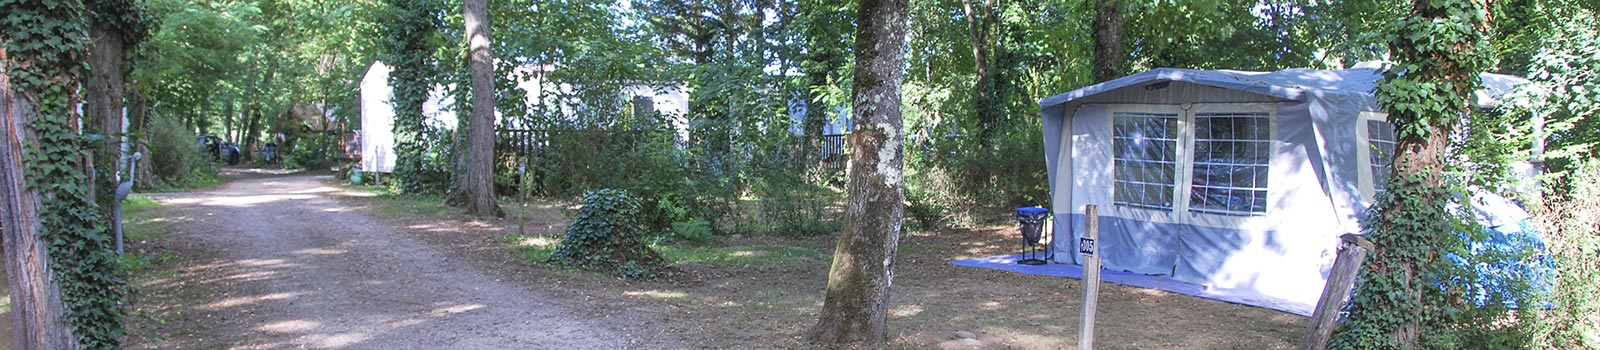 emplacement camping la sagne